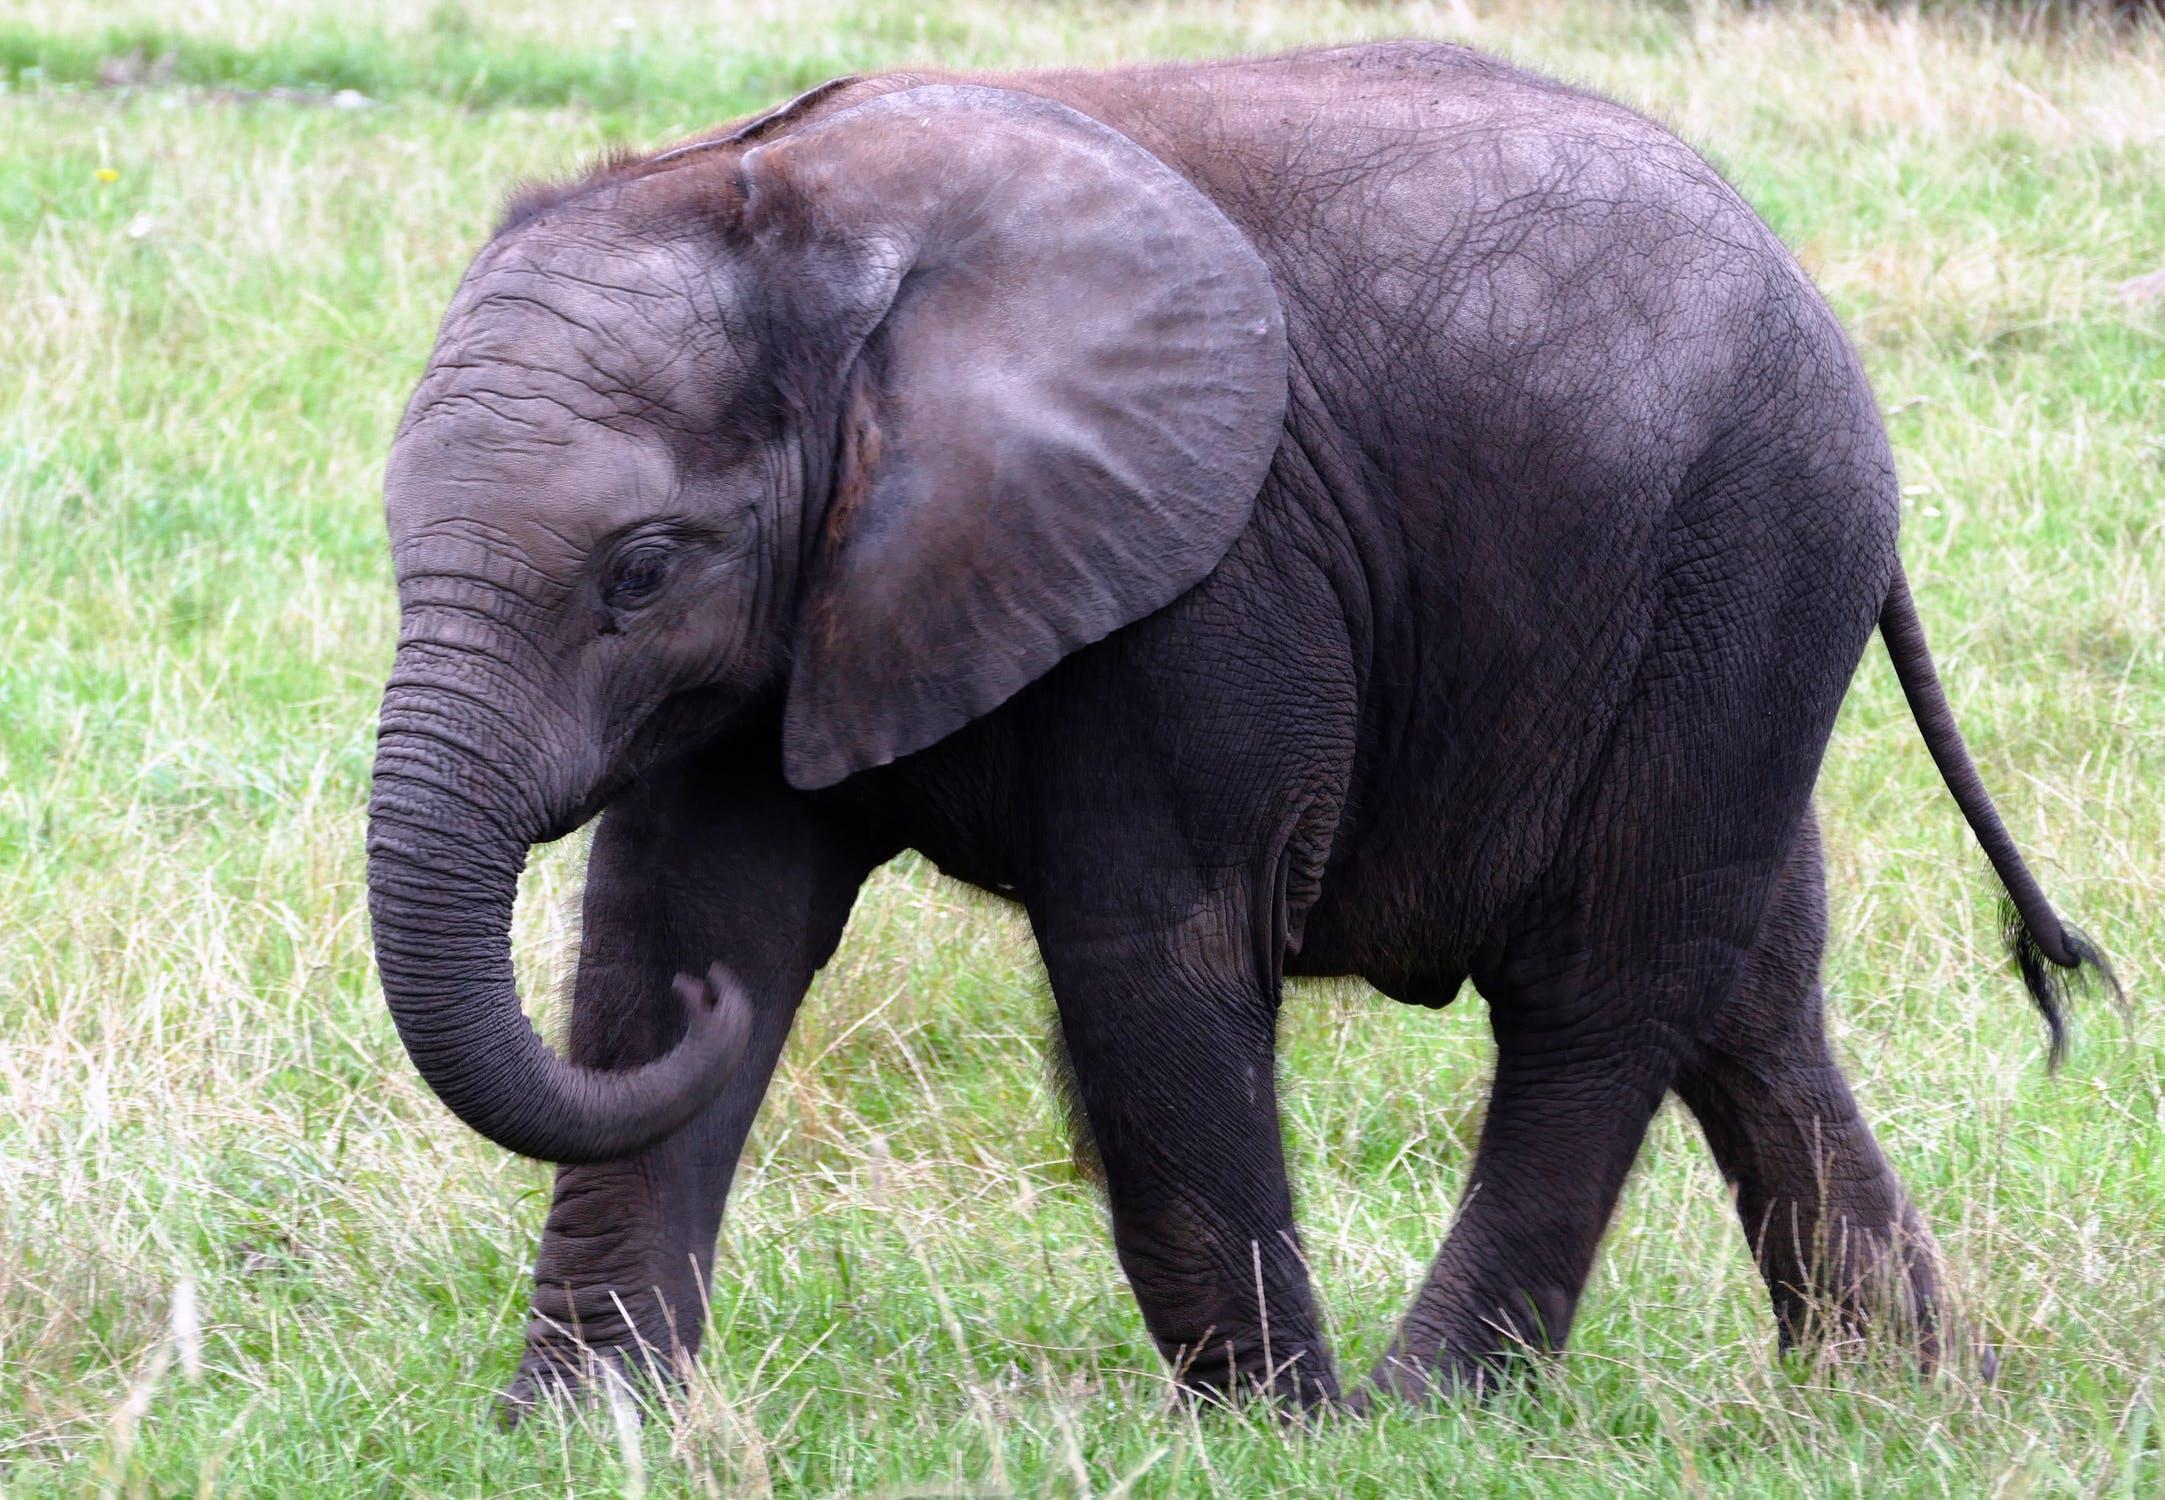 <br />बता दें कि इस एलीफेंट वर्ल्ड को रिटायरमेंट सेंचुरी भी कहा जाता है. ऐसा इसलिए क्योंकि यहां बूढ़े-बूढ़े हाथी काफी हैं वो असहाय हो चुके हैं. उनकी देखभाल काफी अच्छे से की जाती है.